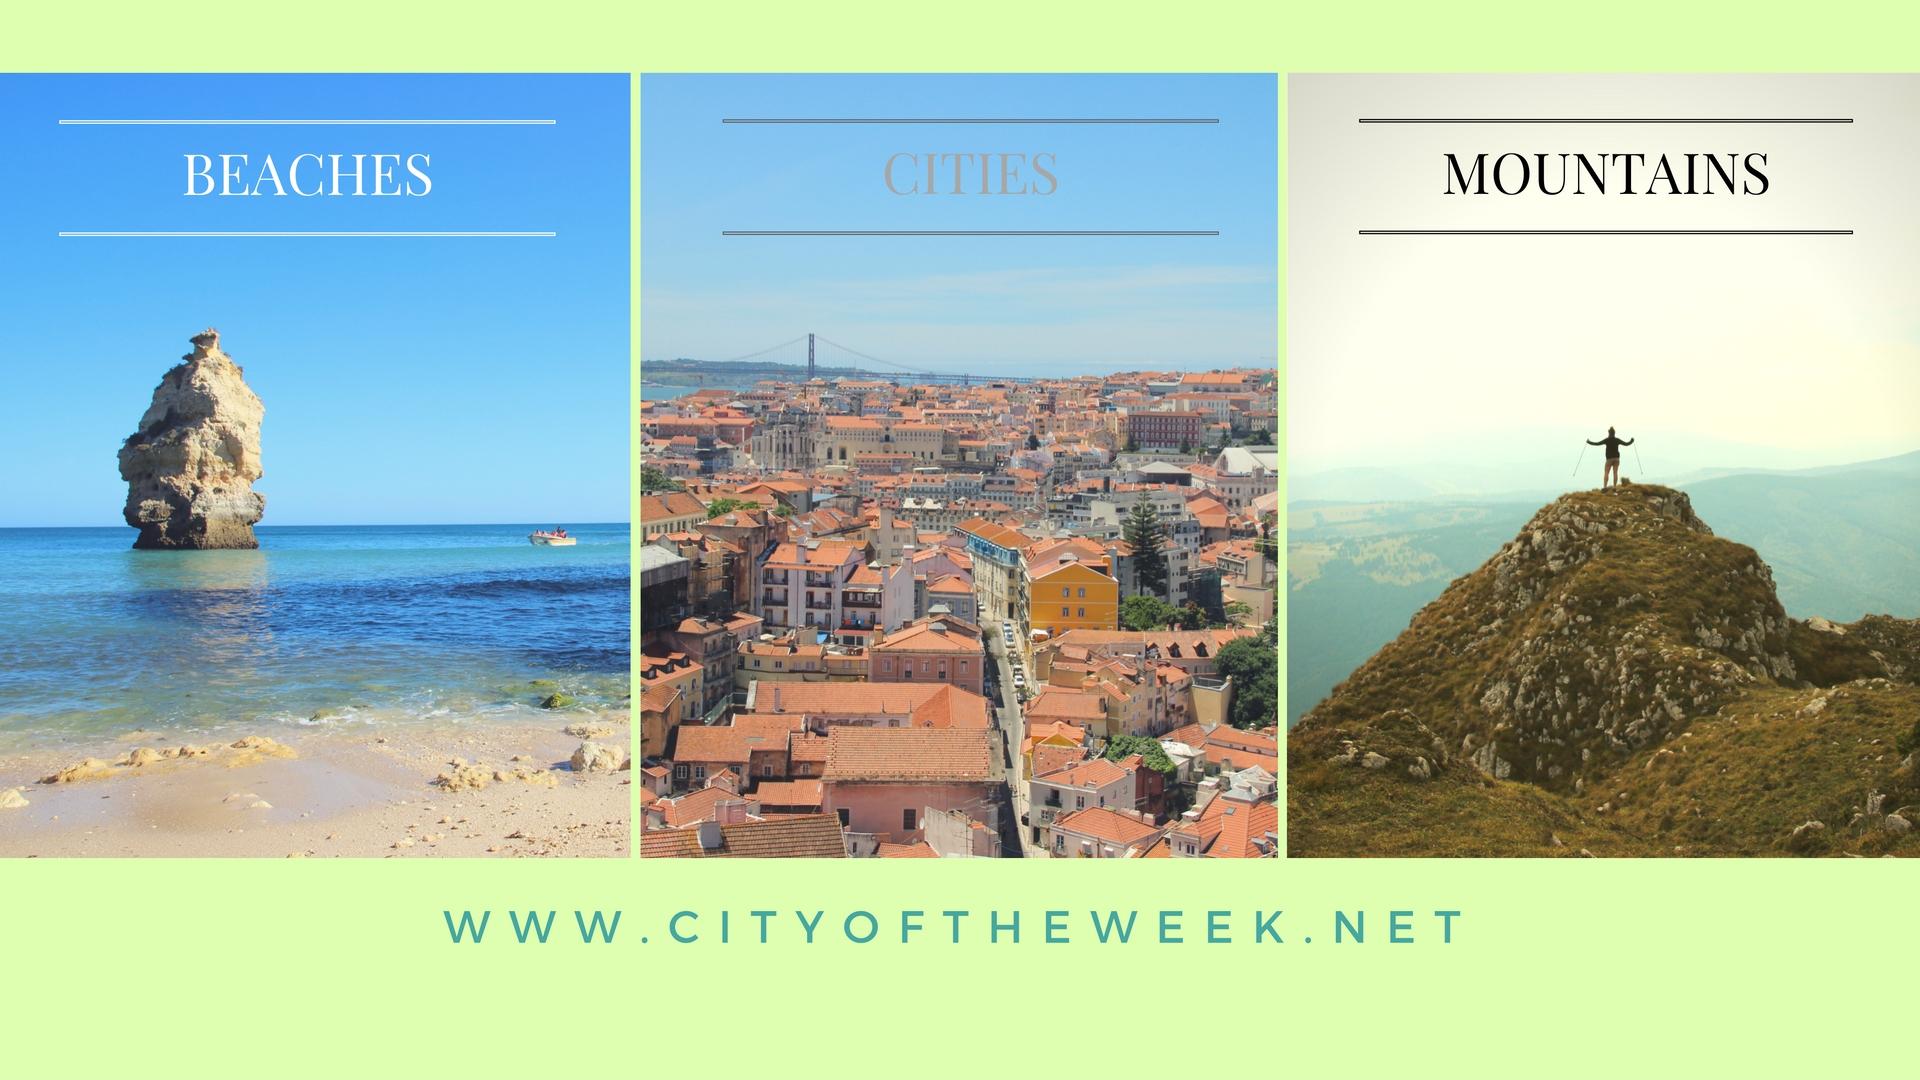 CityoftheWeek